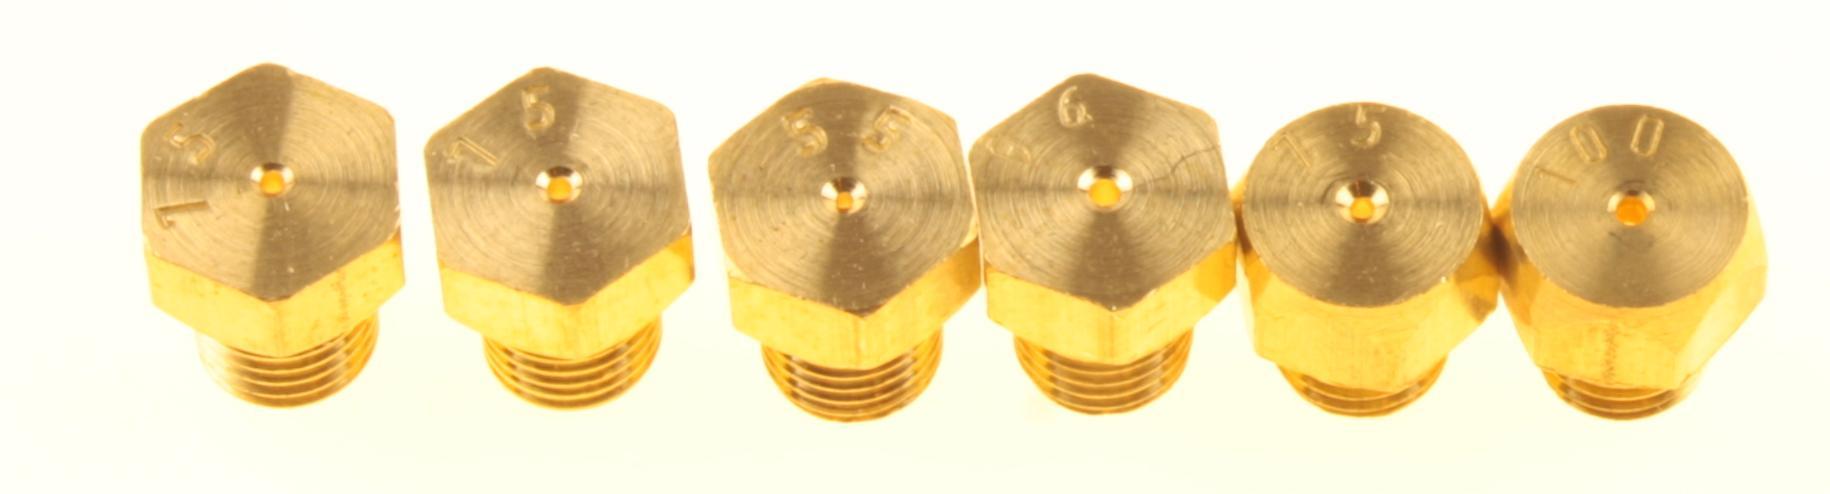 GF-196 комплект жиклеров 6шт